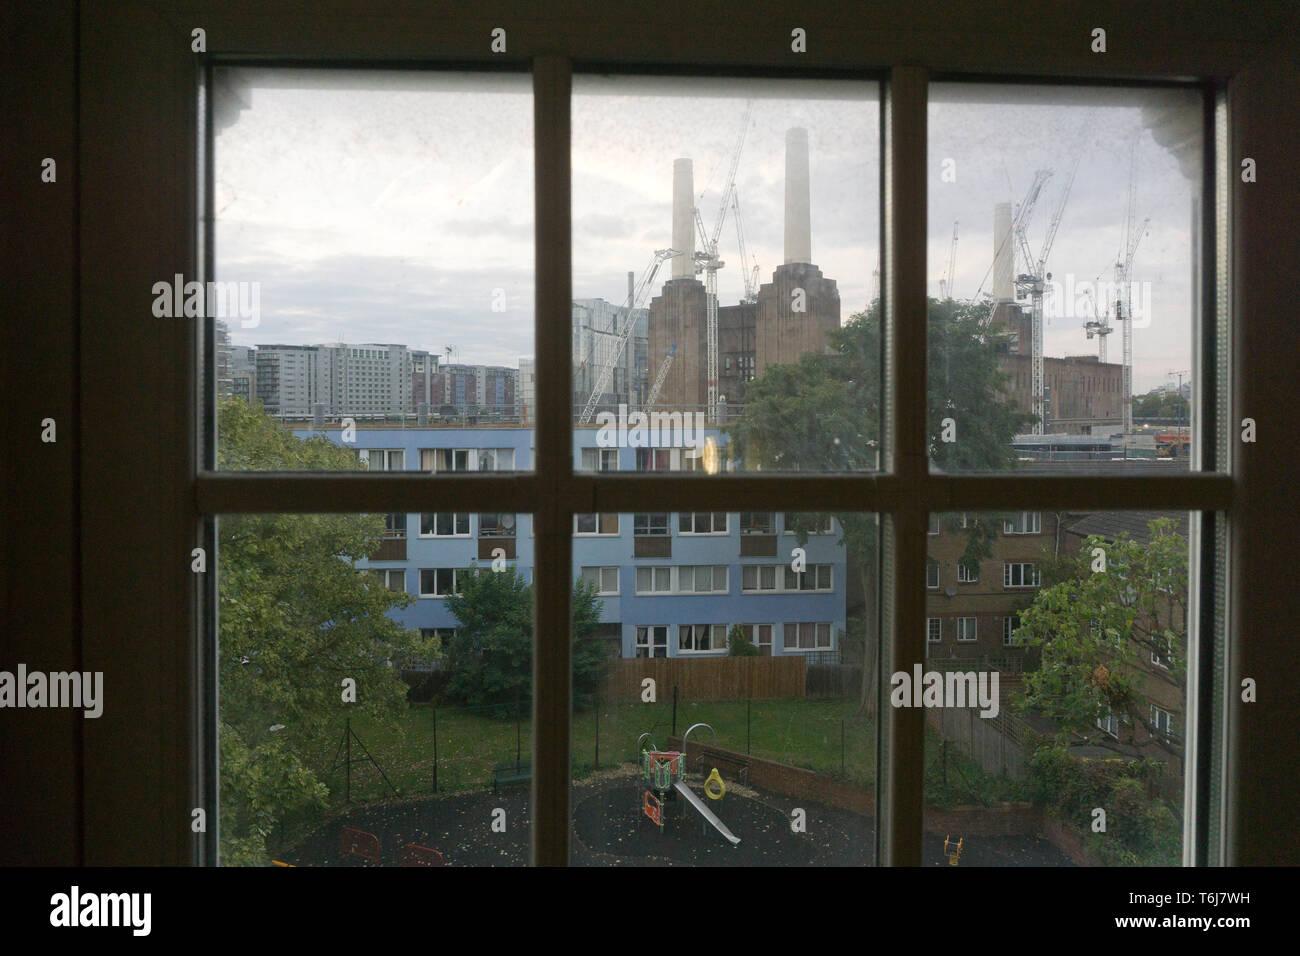 Une aire de jeux pour enfants est illustré à Seldon House estate près de Battersea Power Station le 20 septembre 2017. Banque D'Images